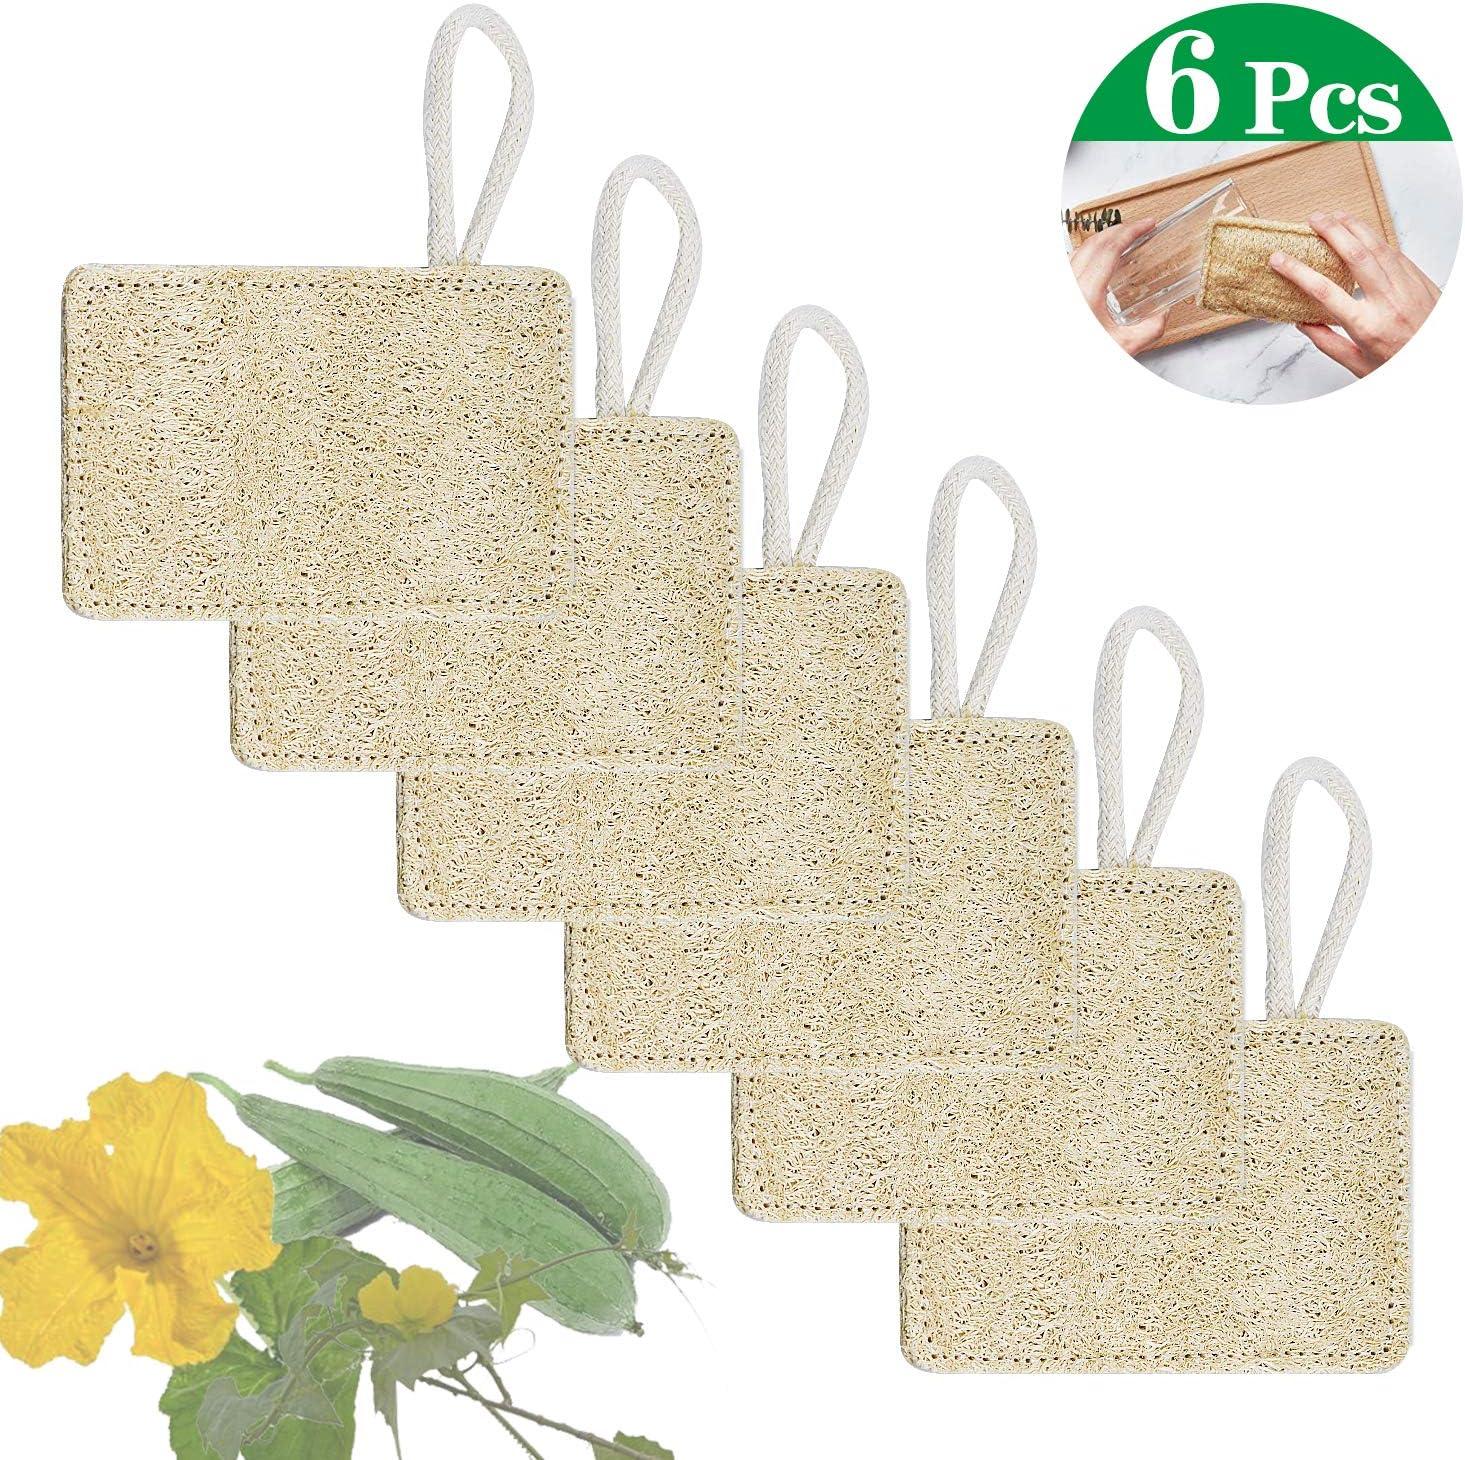 FEIGO 6 Piezas Loofah Esponja, Loofah Para Lavar Platos, Natural ...